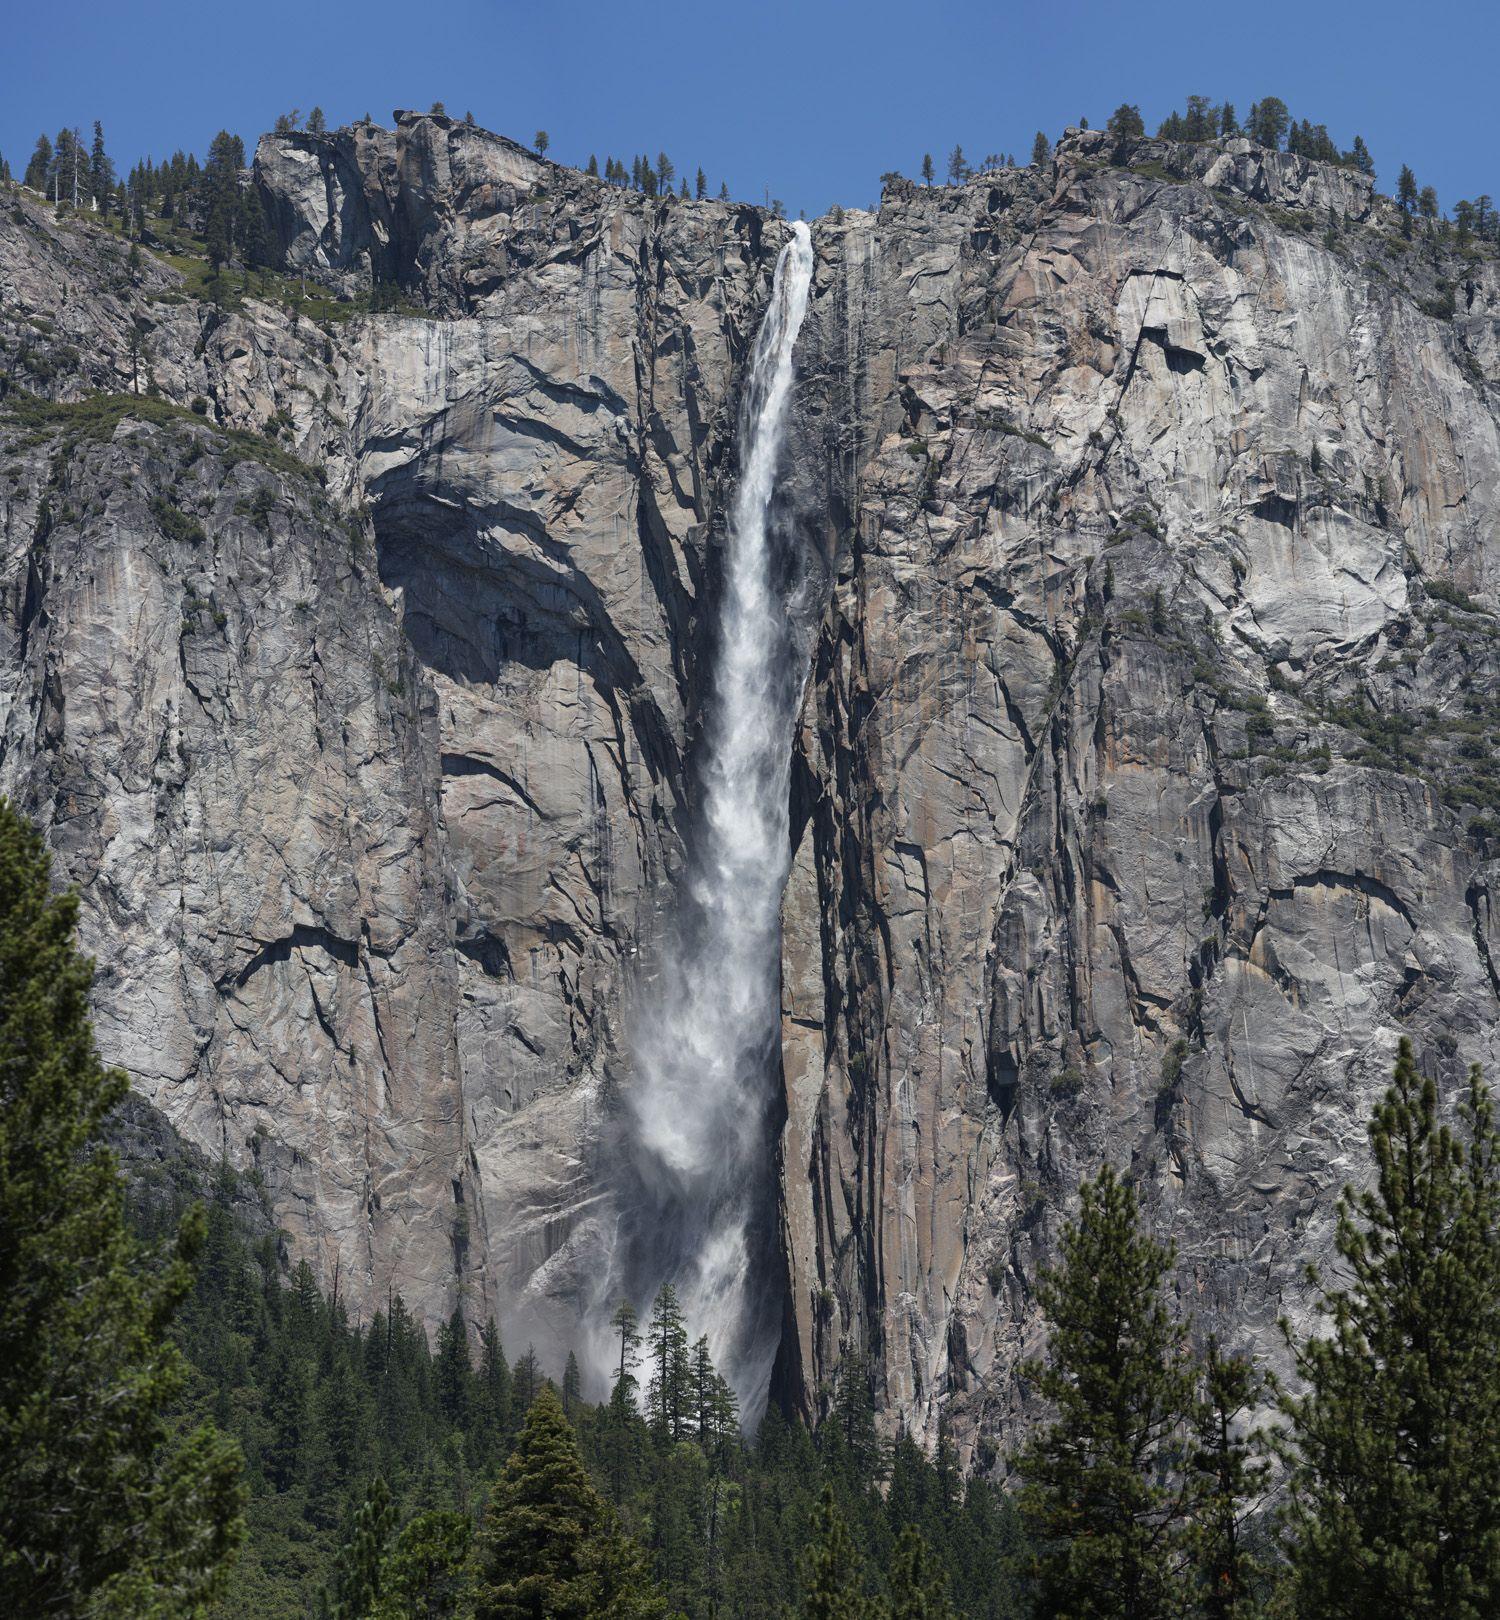 Yosemite Valley National Park: Ribbon Falls From Valley Floor